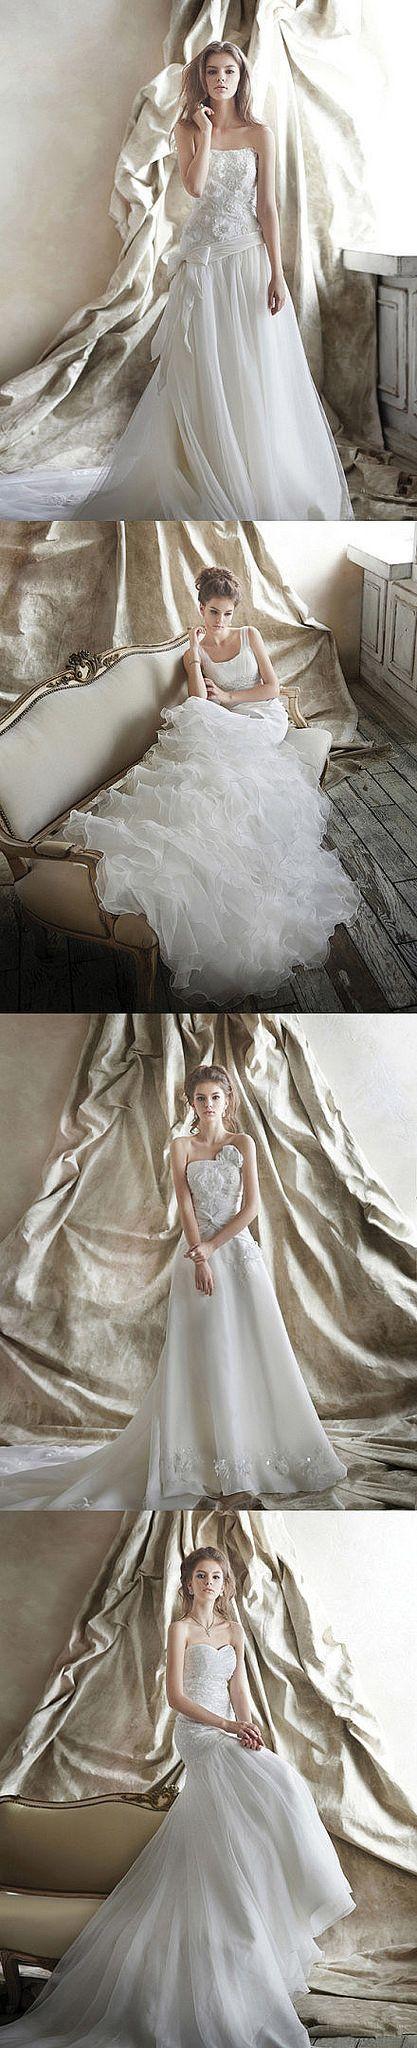 https://flic.kr/p/BfL9pn   Trouwjurken   Bekijk onze ruime collectie trouwjurken. De meeste en mooiste betaalbare trouwjurken bij de Grootste Bruidszaak van Nederland!   www.popo-shoes.nl